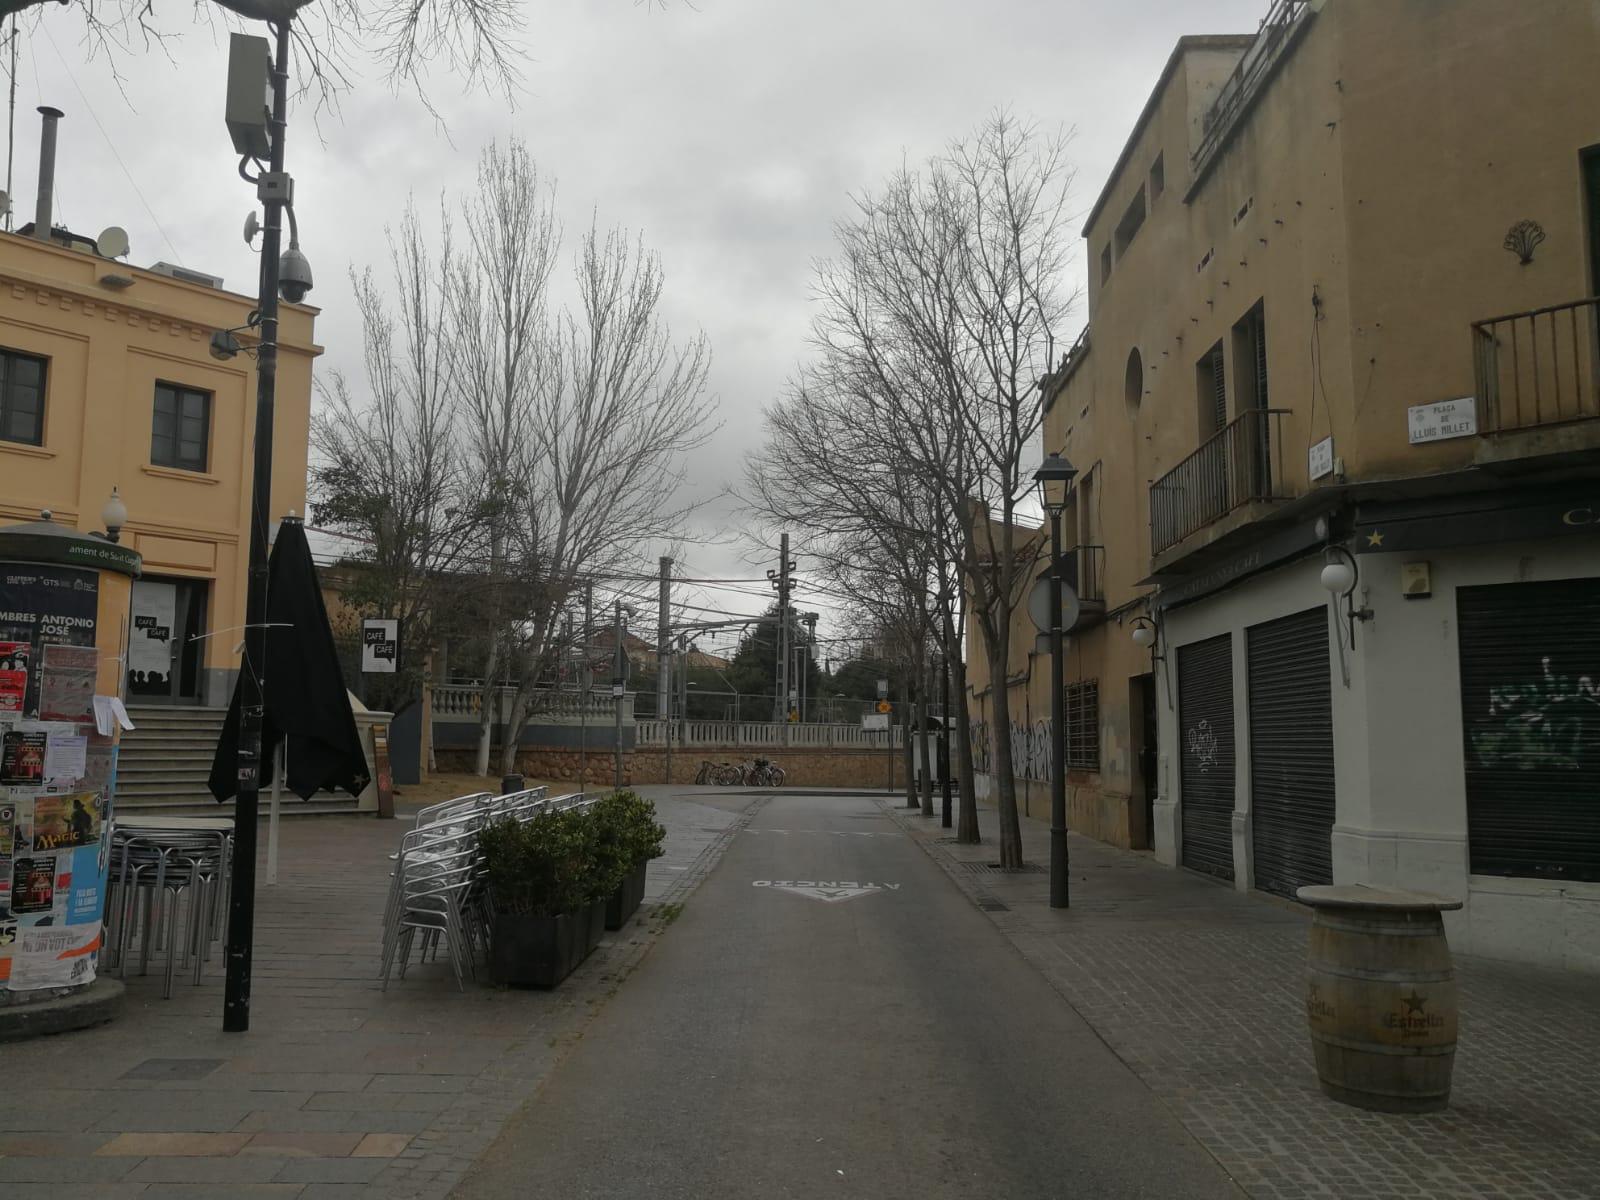 Els carrers de Sant Cugat es buiden pel coronavirus. FOTO: Bernat Millet